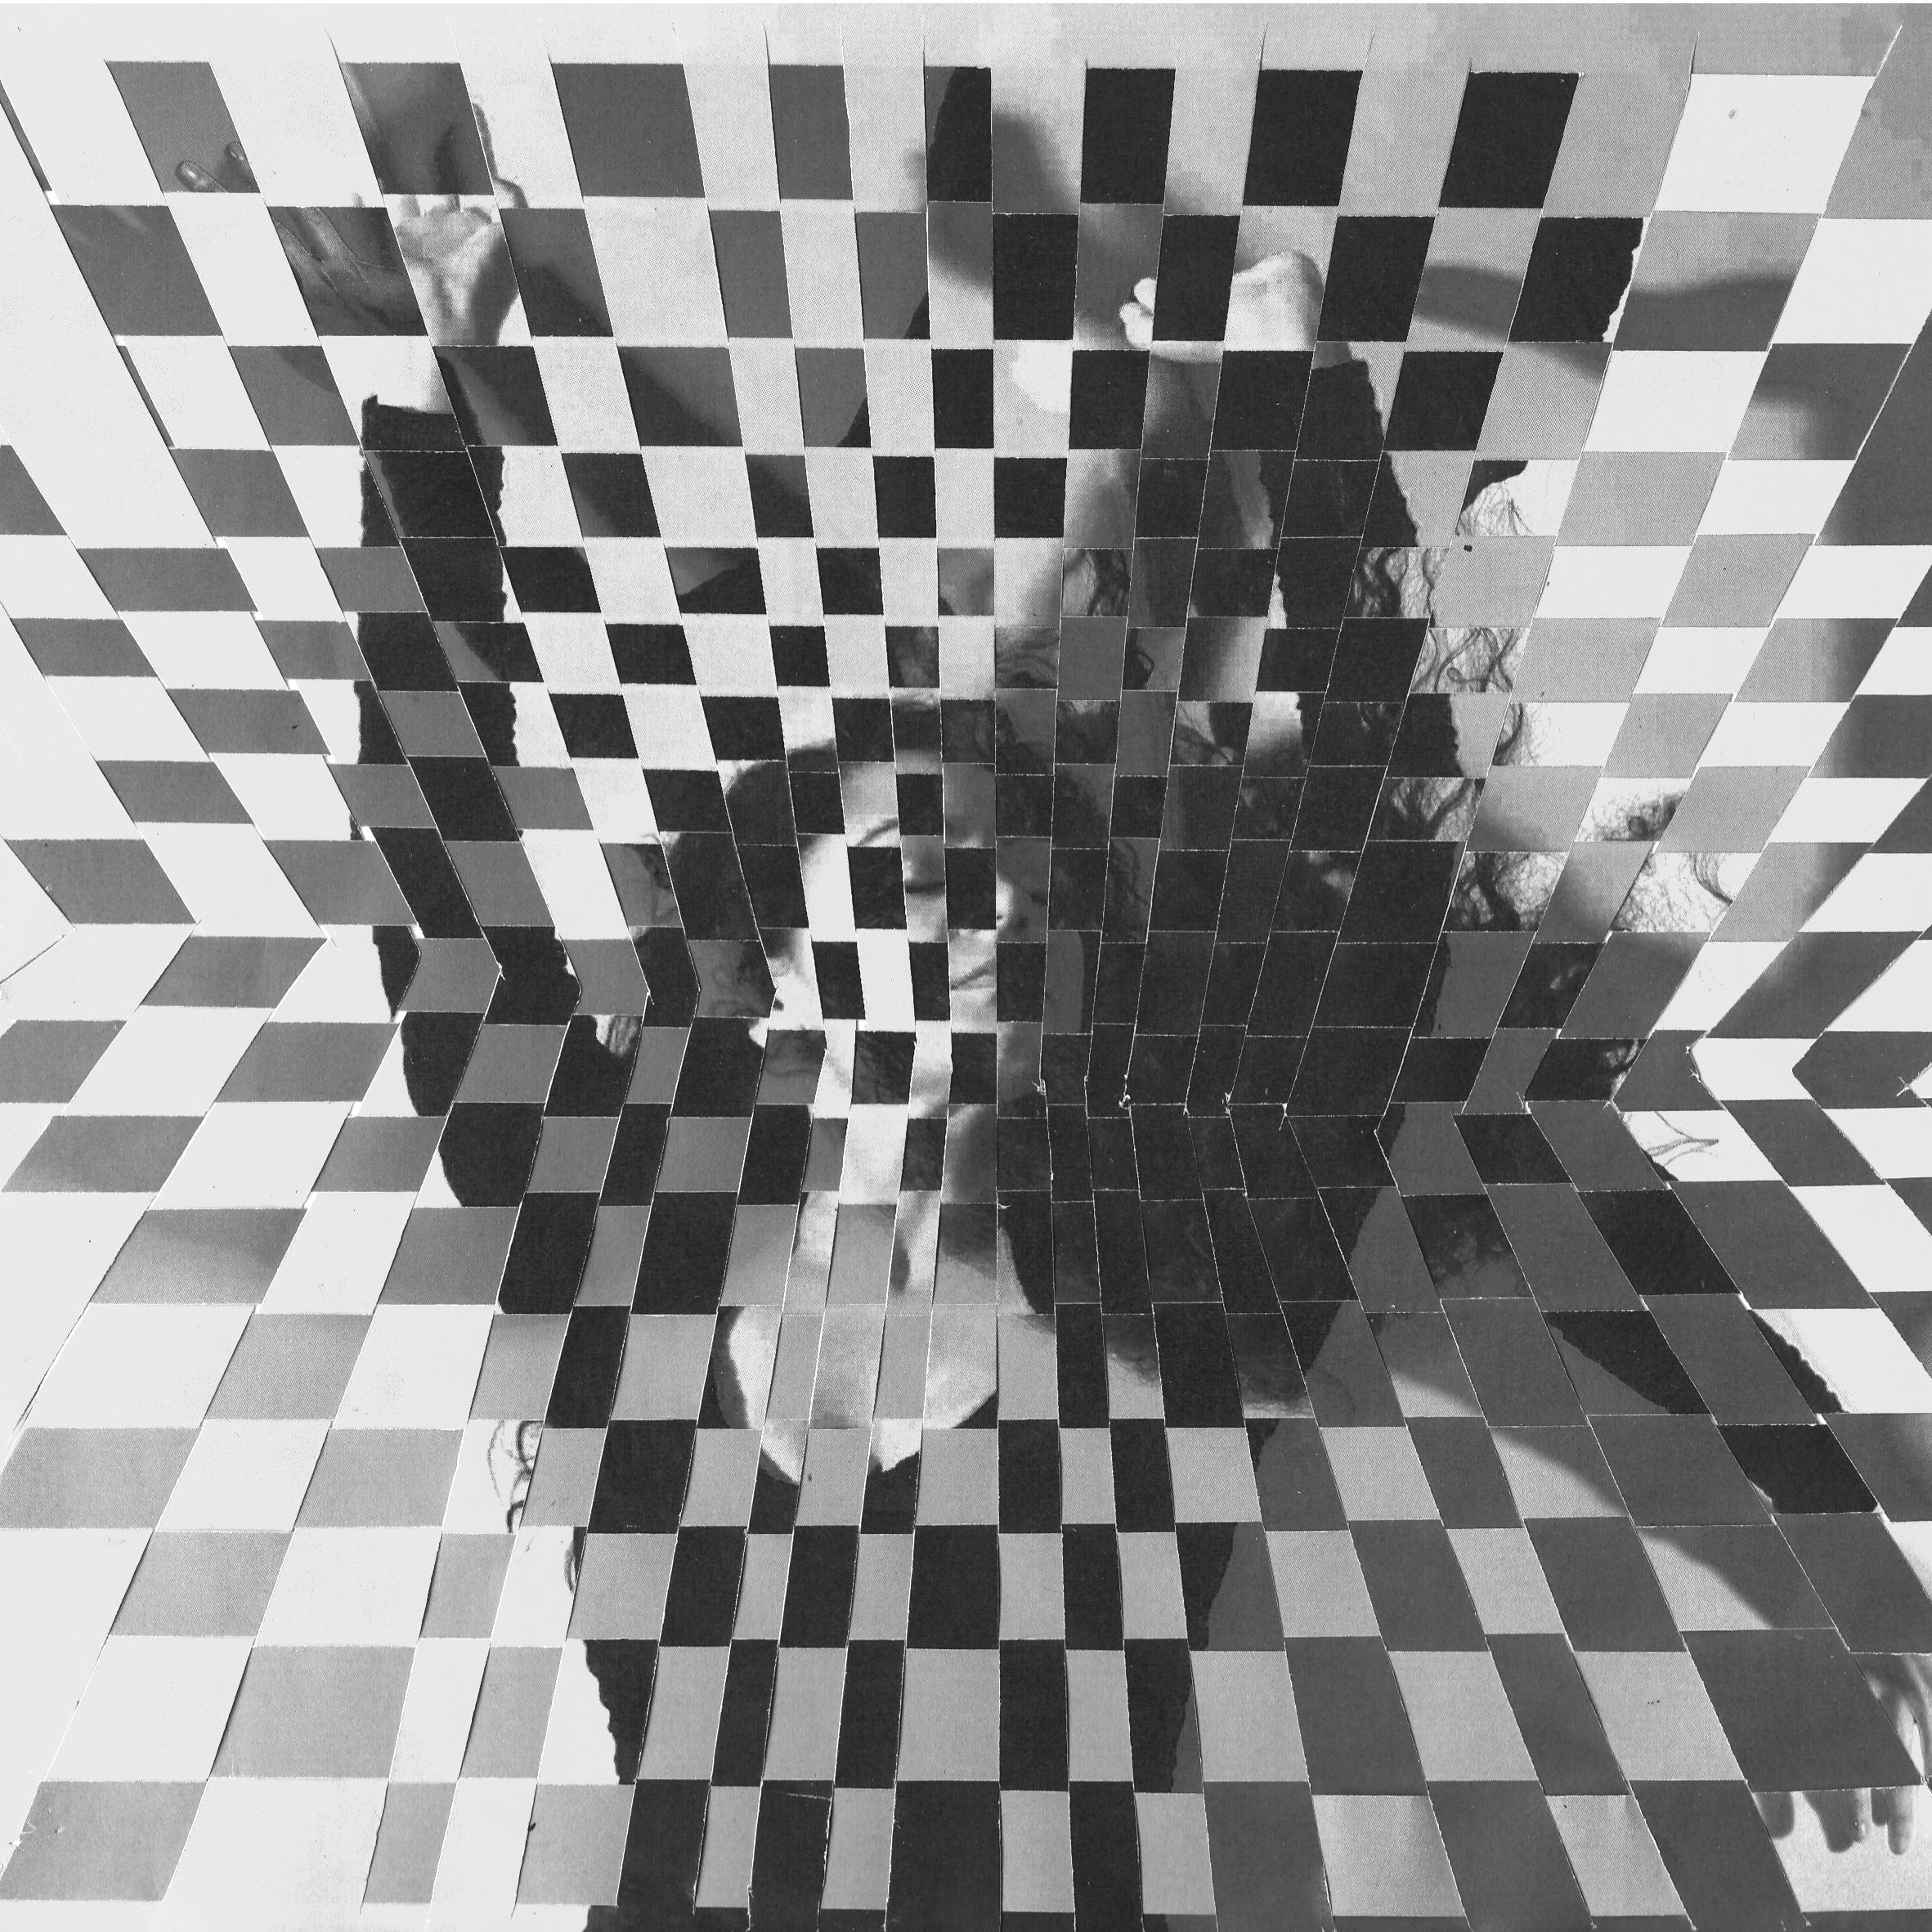 Teletextile Left Square BW.jpg